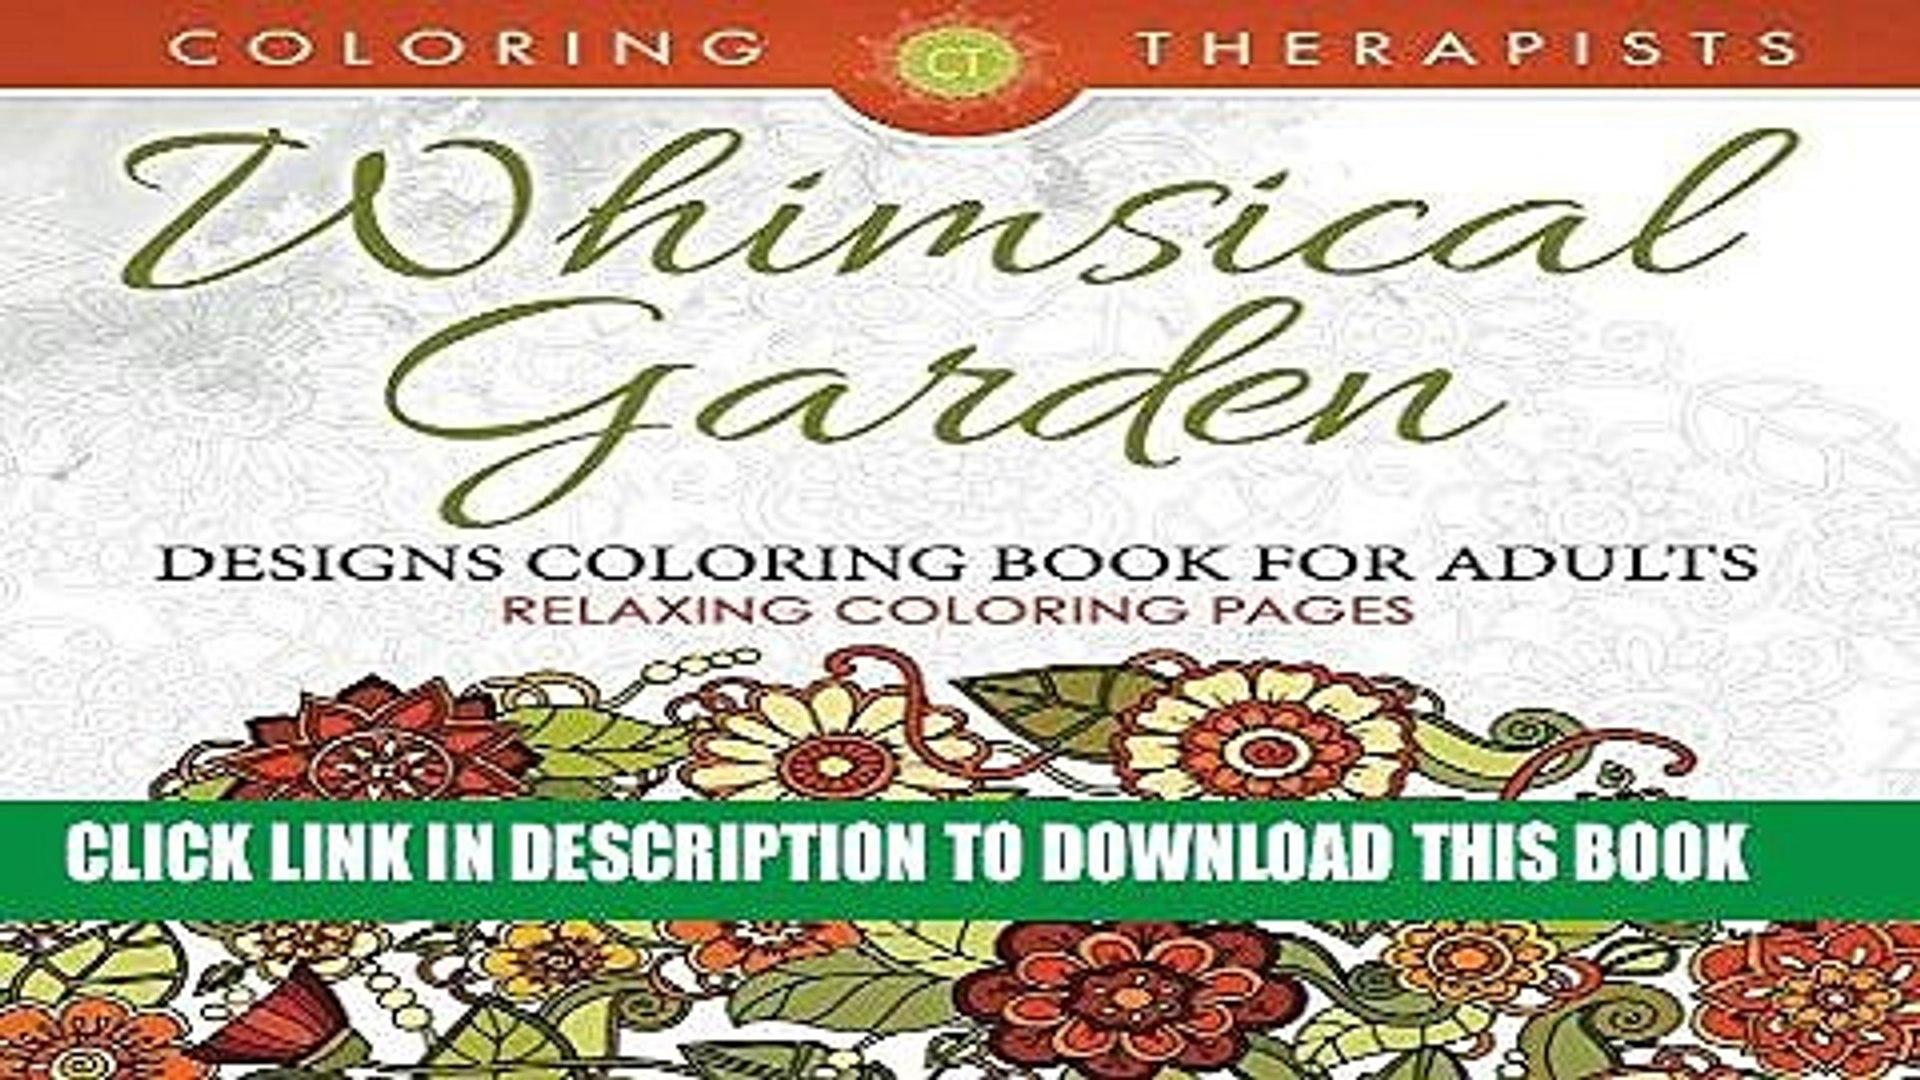 Ebook Whimsical Garden Designs Coloring Book For Adults - Relaxing Coloring Pages (Garden Designs